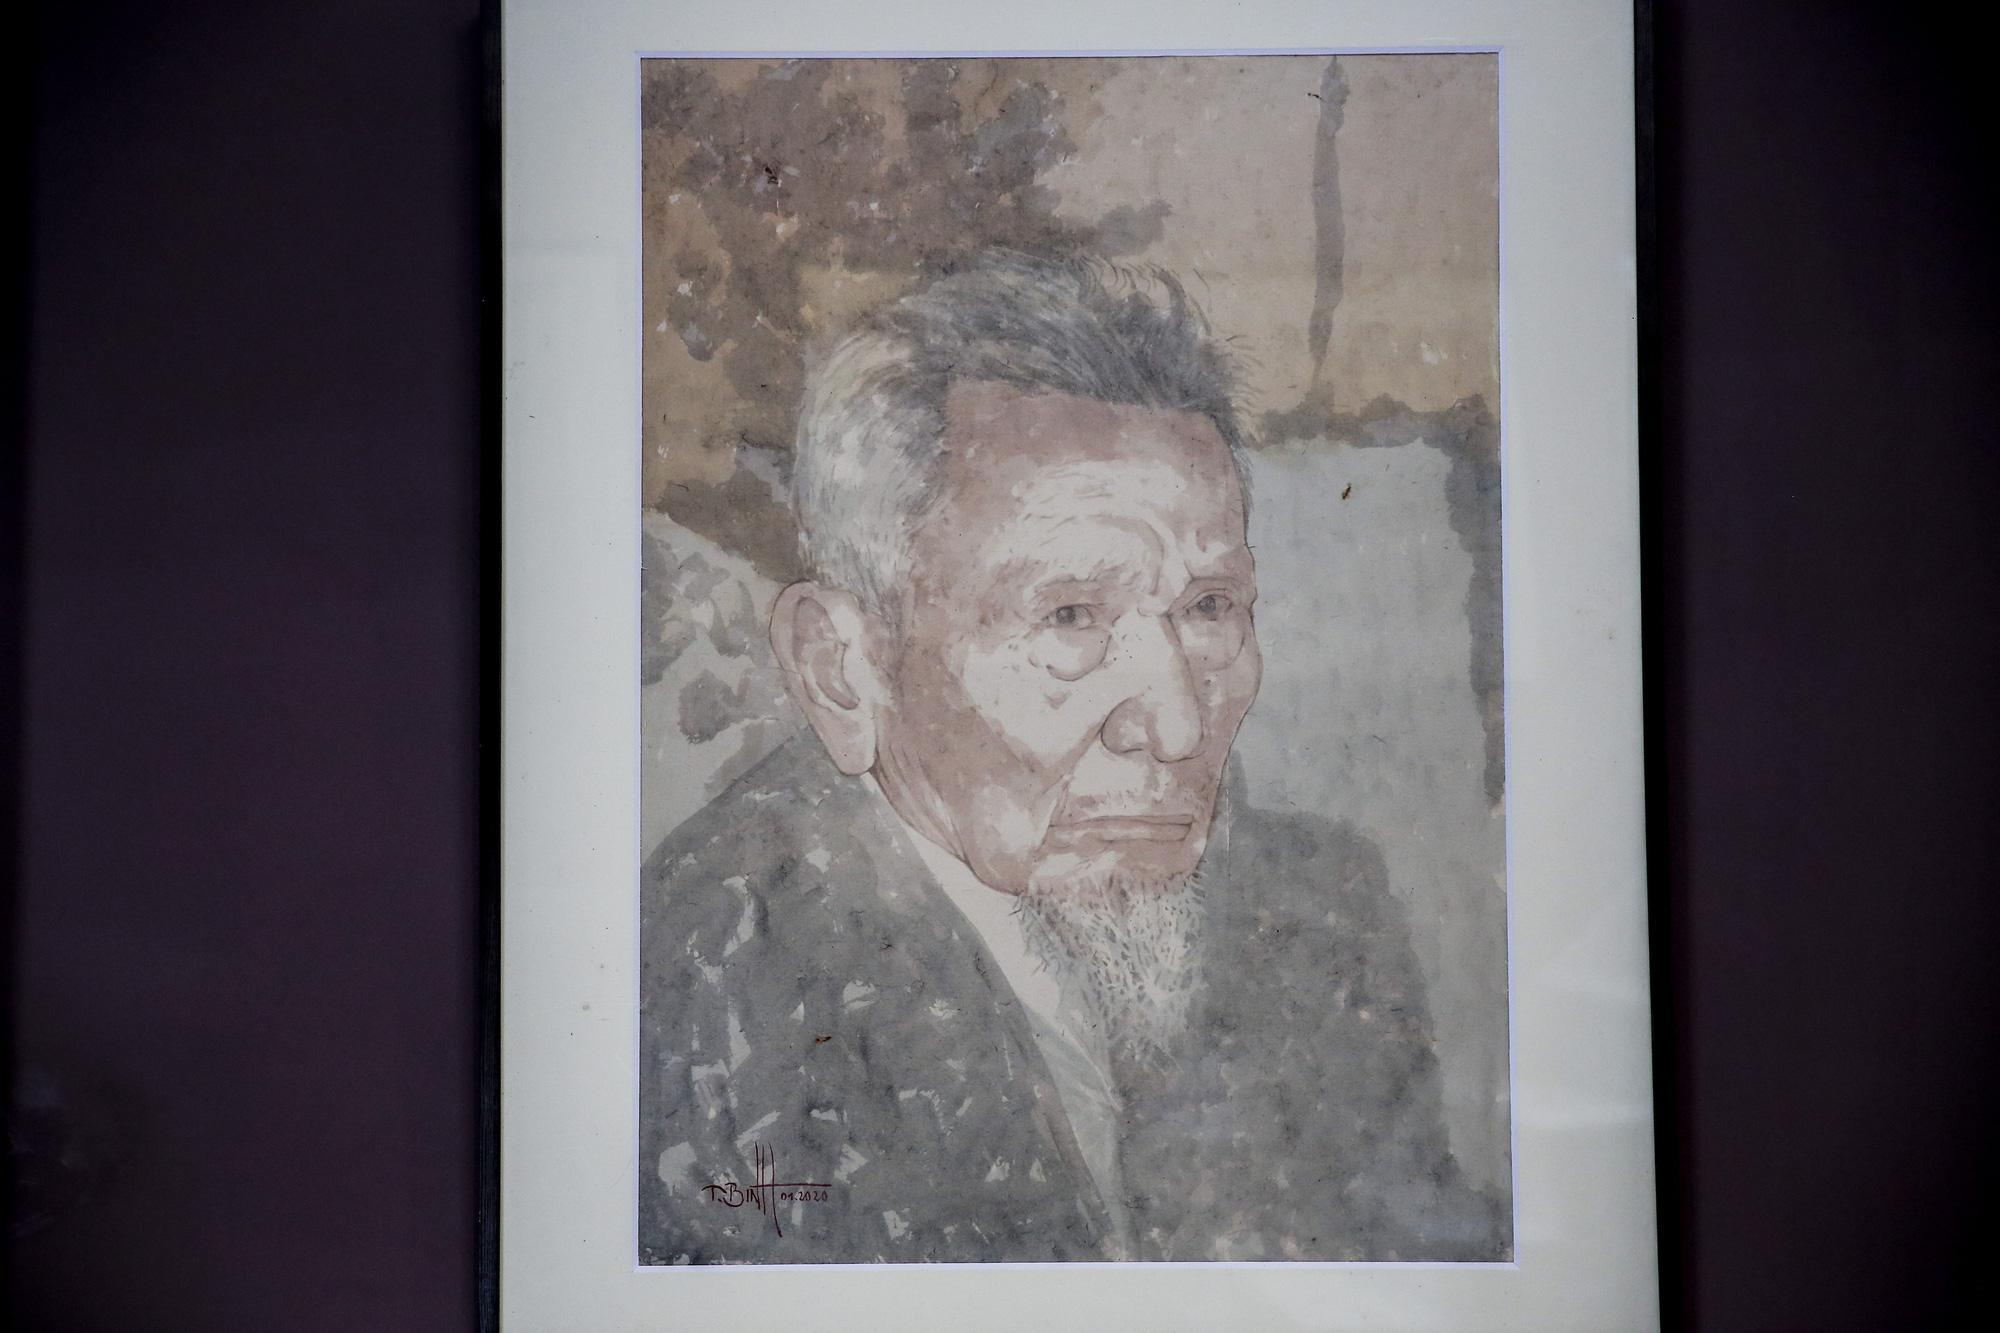 Chiêm ngưỡng không gian tranh giấy dó truyền thống đặc biệt tại Hà Nội - Ảnh 10.